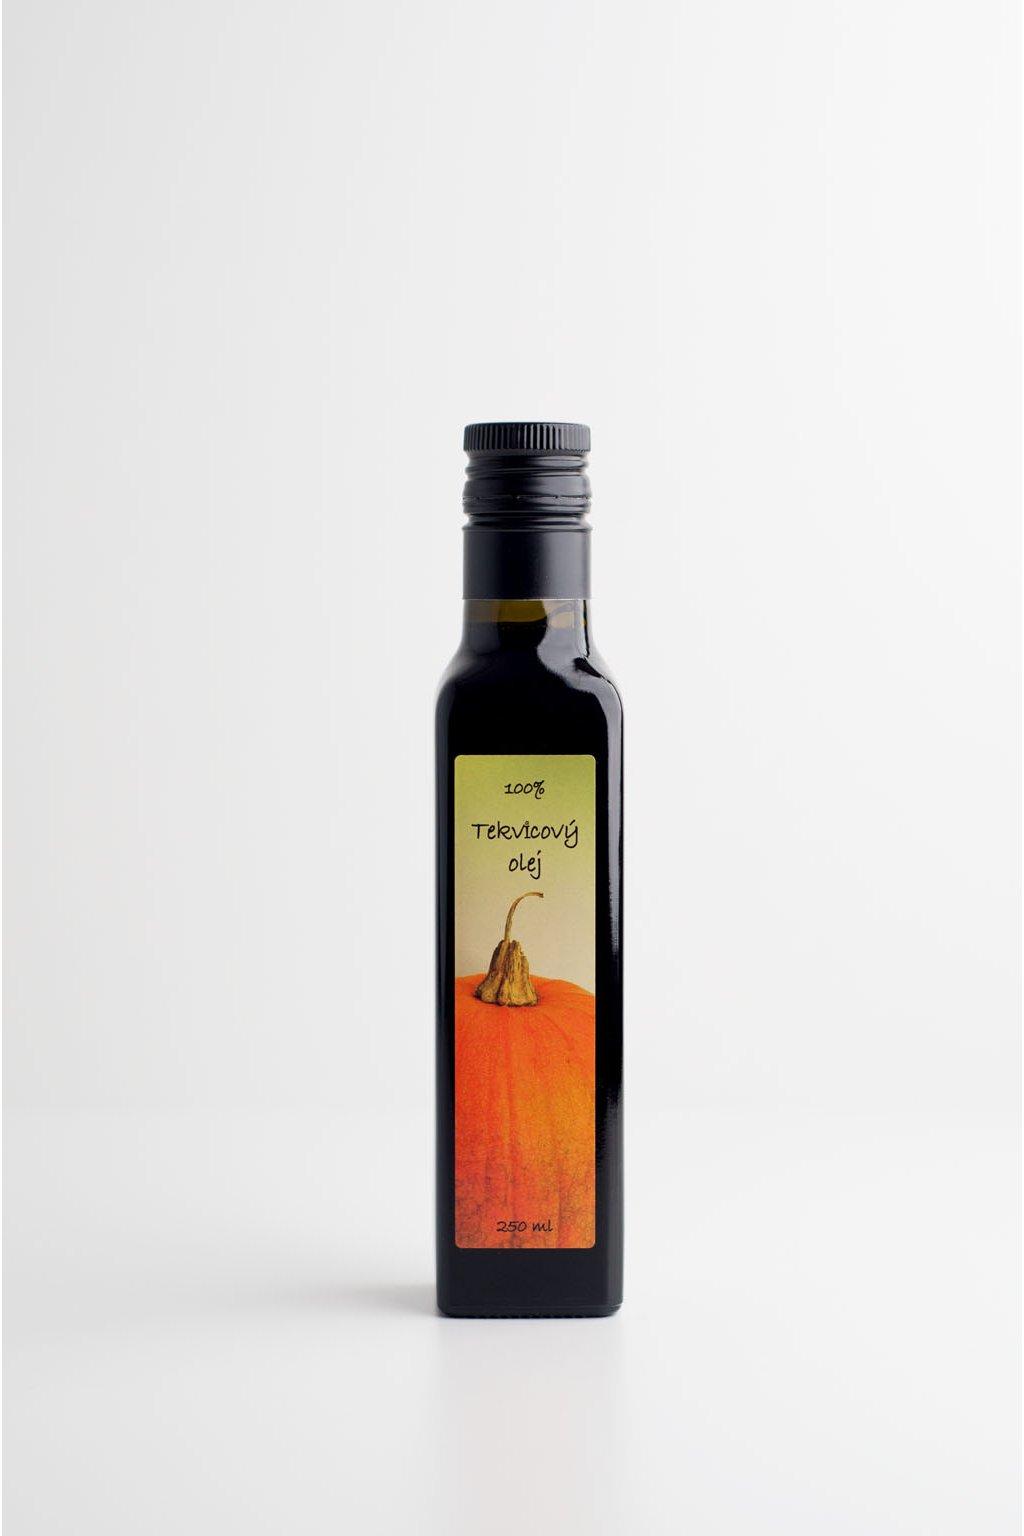 Tekvicový olej 100% - 0,25l